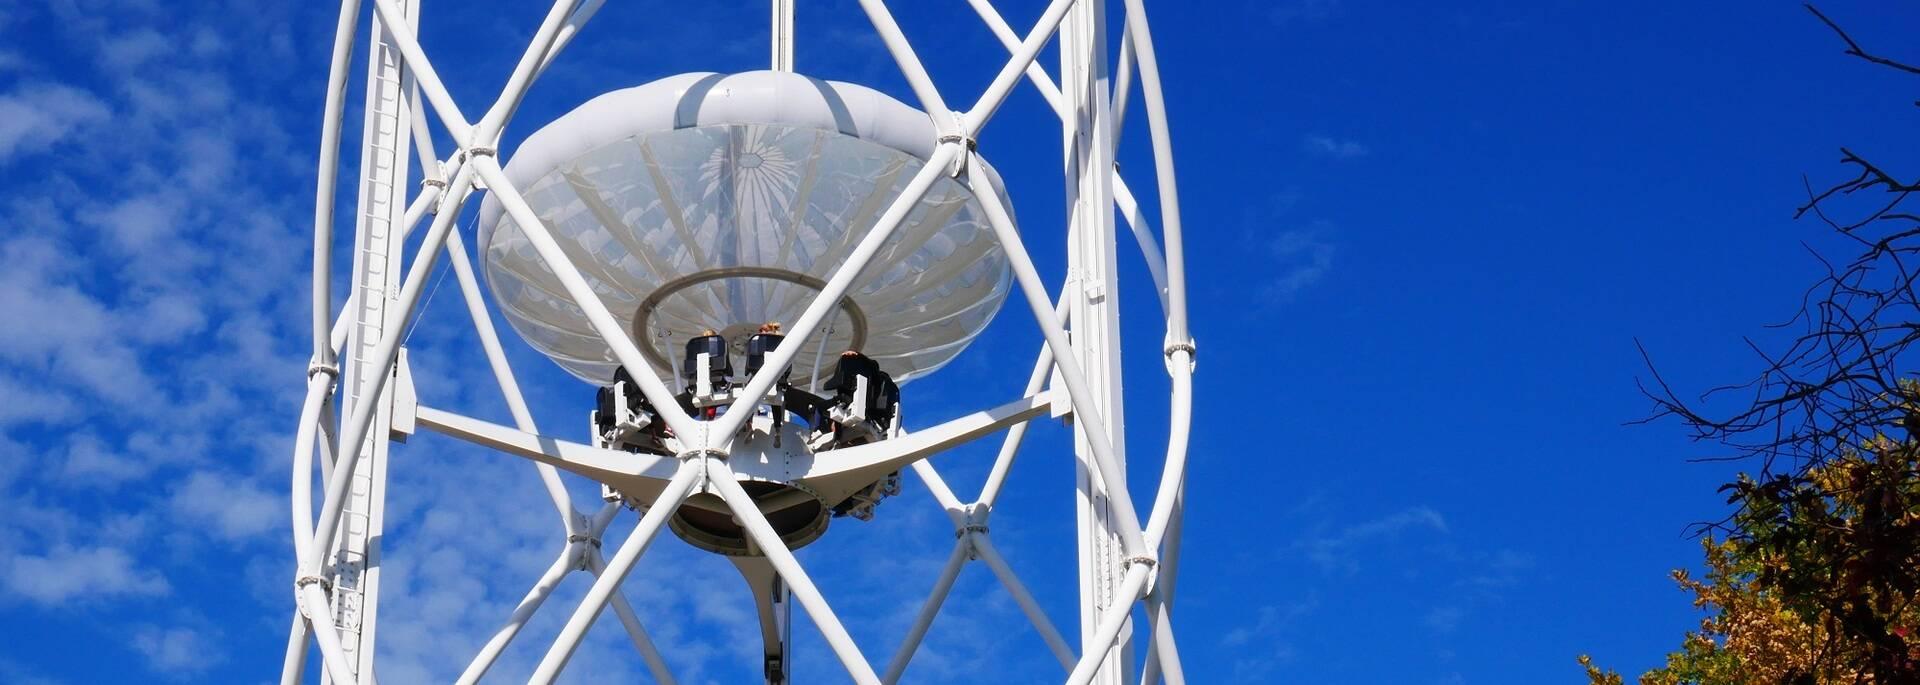 le Gyropode du Futuroscope pour boire un verre à 45m de haut - ©FDHPA17 / P.Migaud